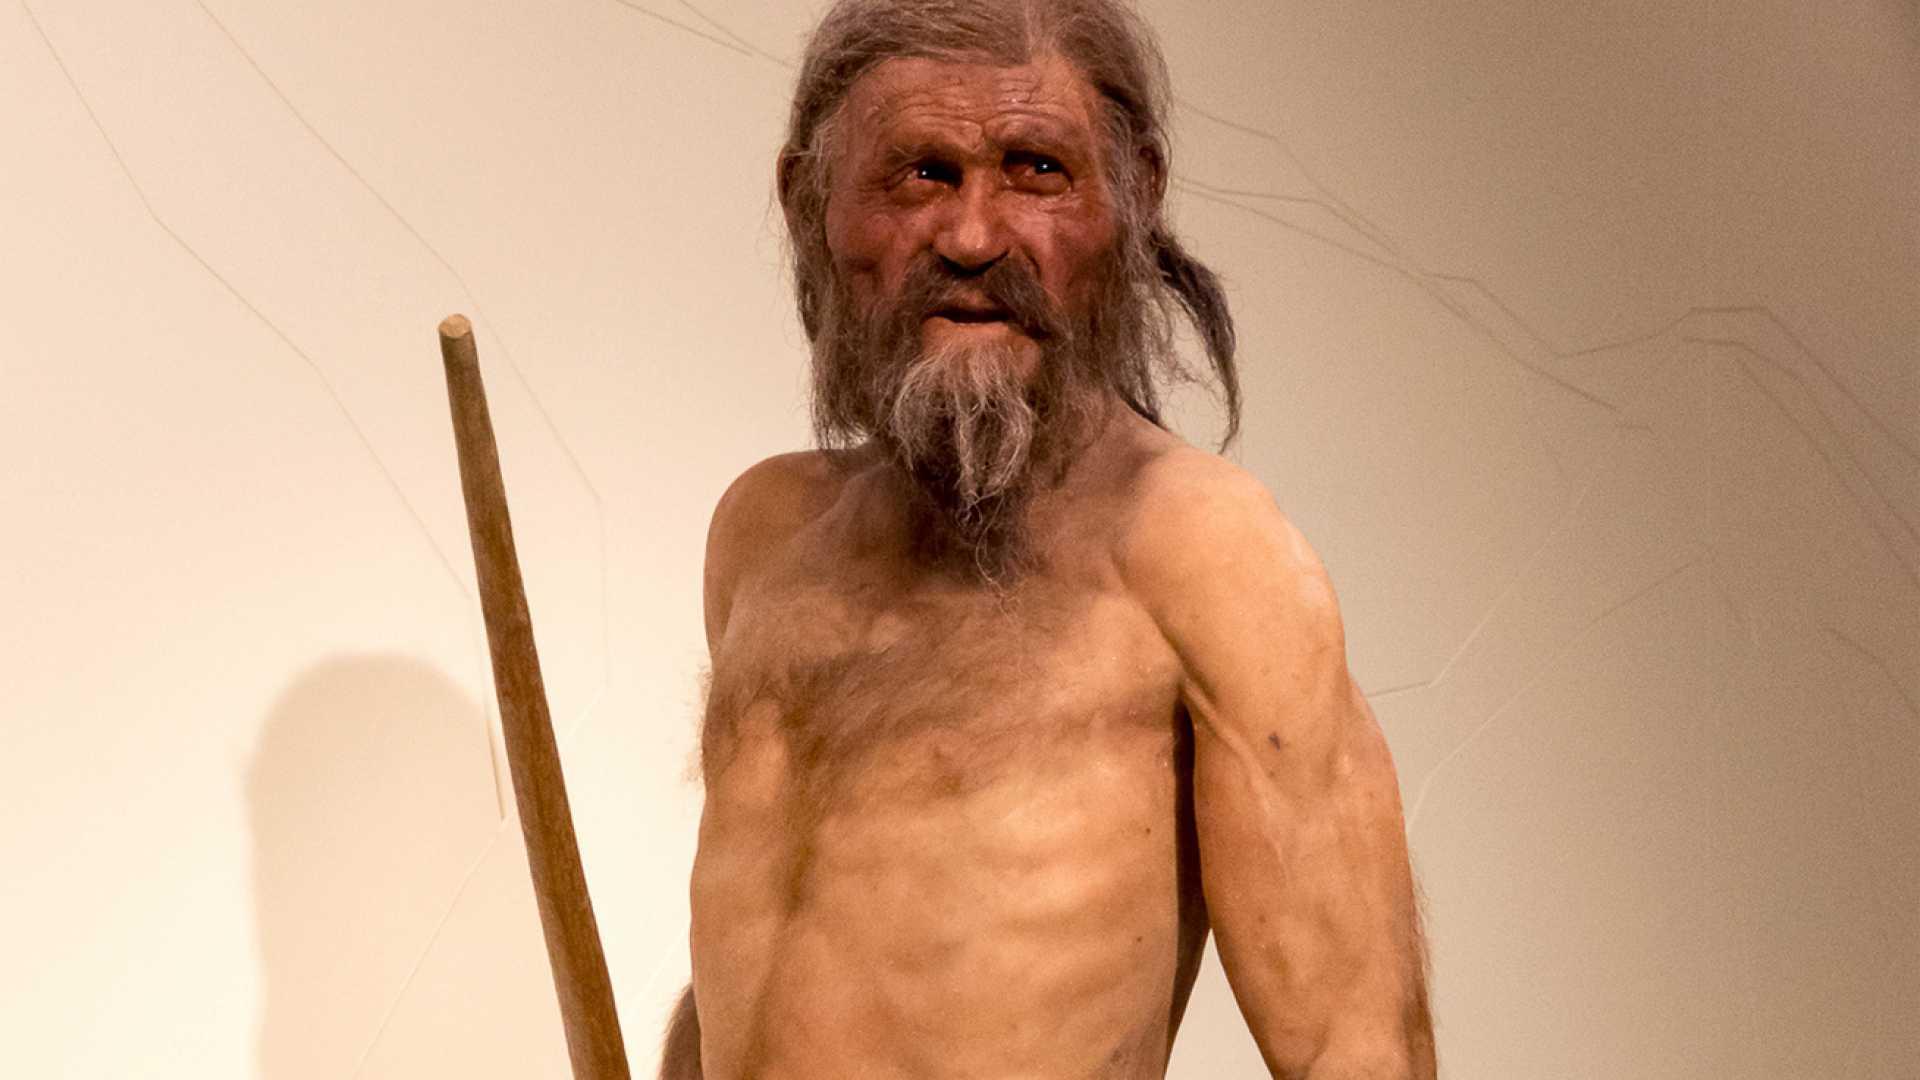 Az ősember CLA-ban gazdag ételeket fogyasztott <br>Őseinknek könnyű volt megőrizni a hatékony zsírégetés miatt szálkás testüket